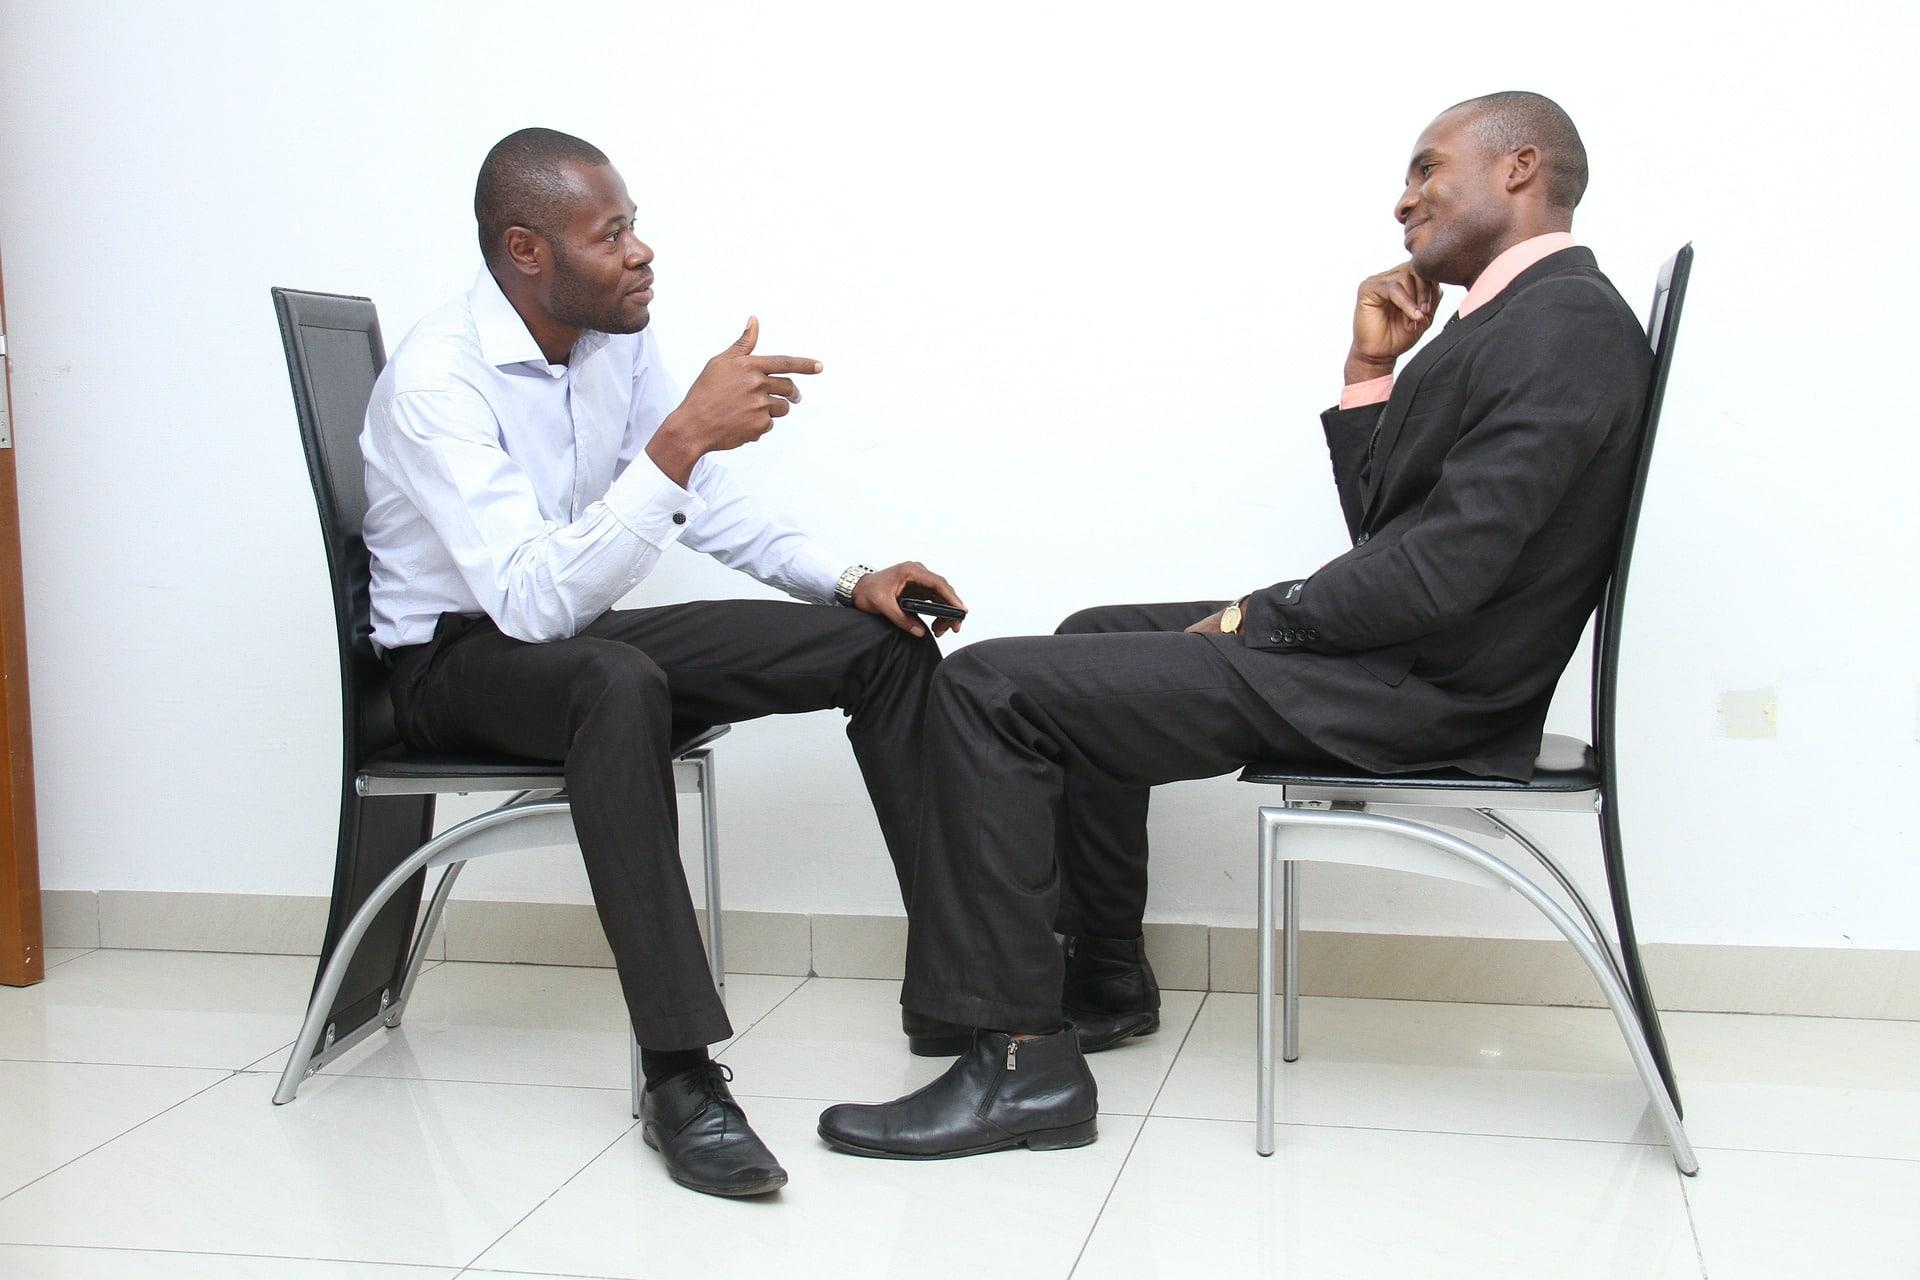 Kaksi miestä keskustelemassa työhaastattelussa